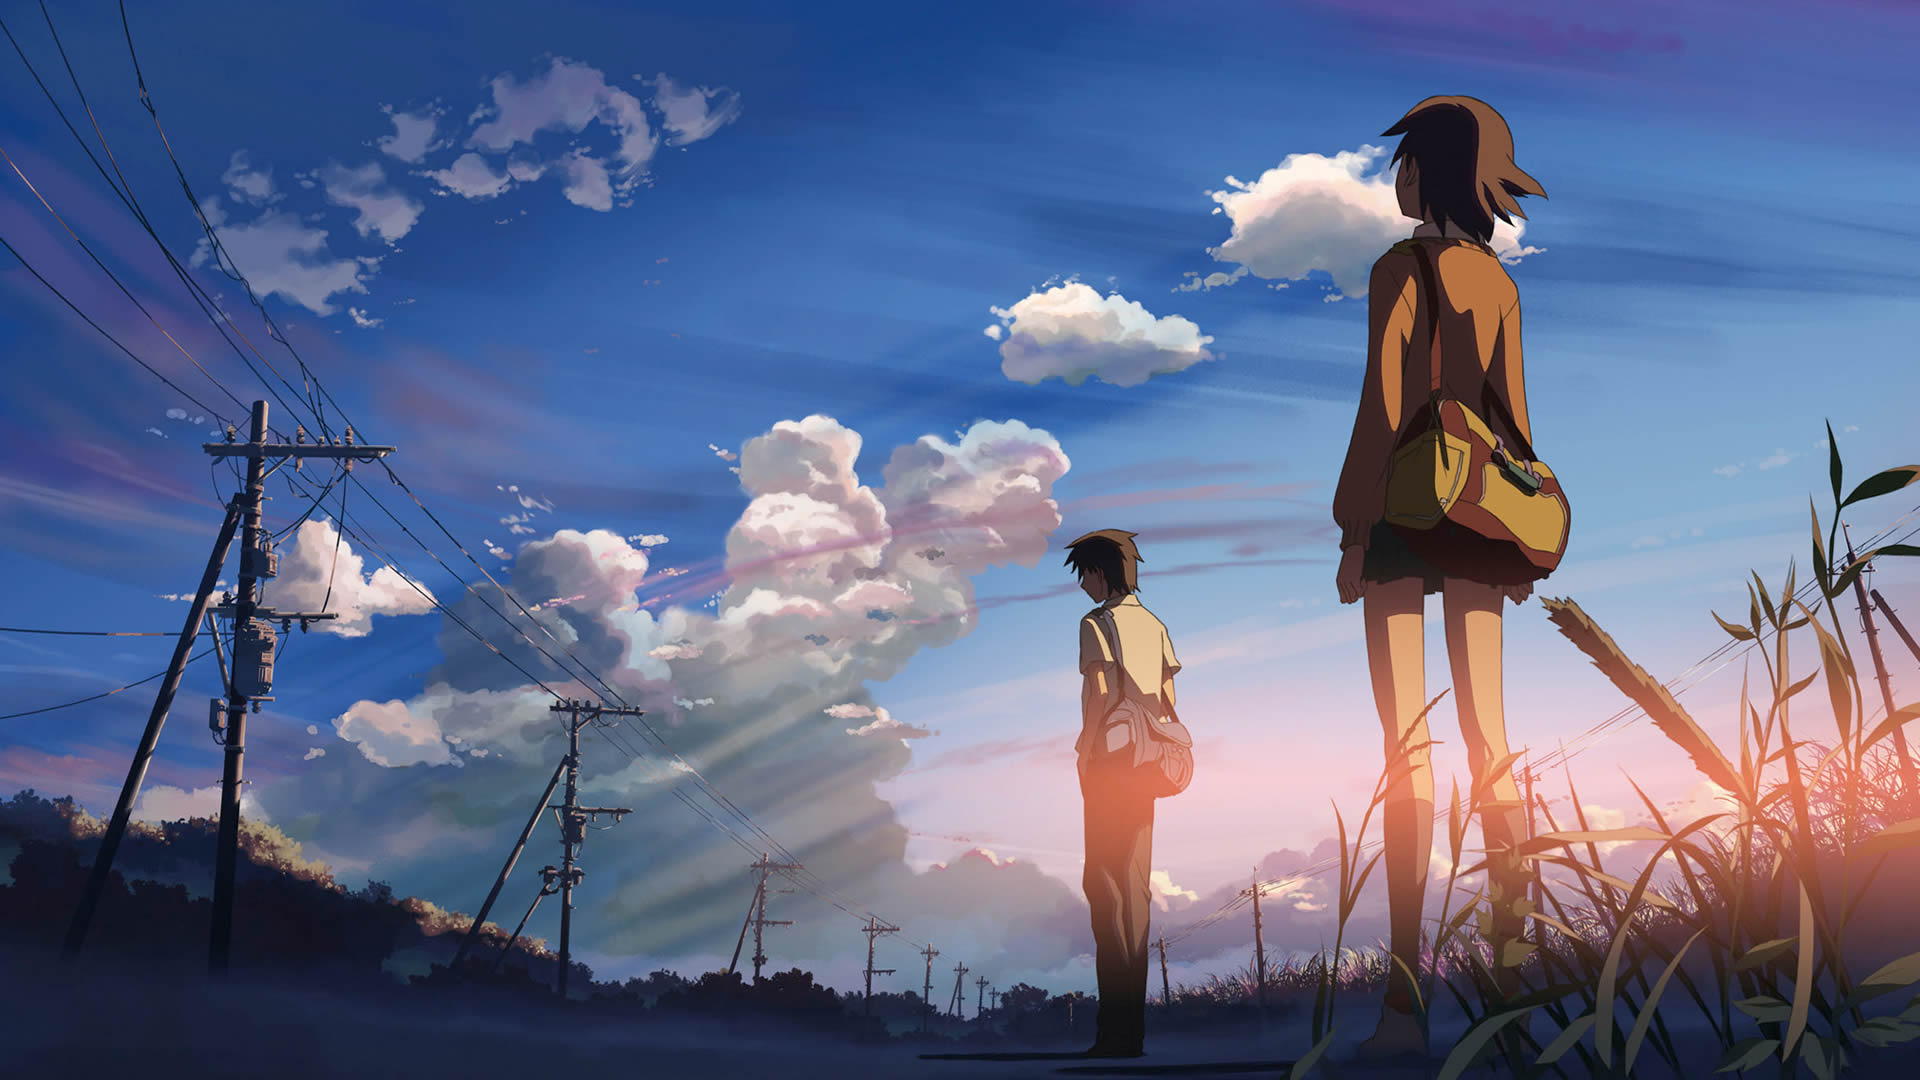 High Resolution Anime Wallpapers Wallpapersafari